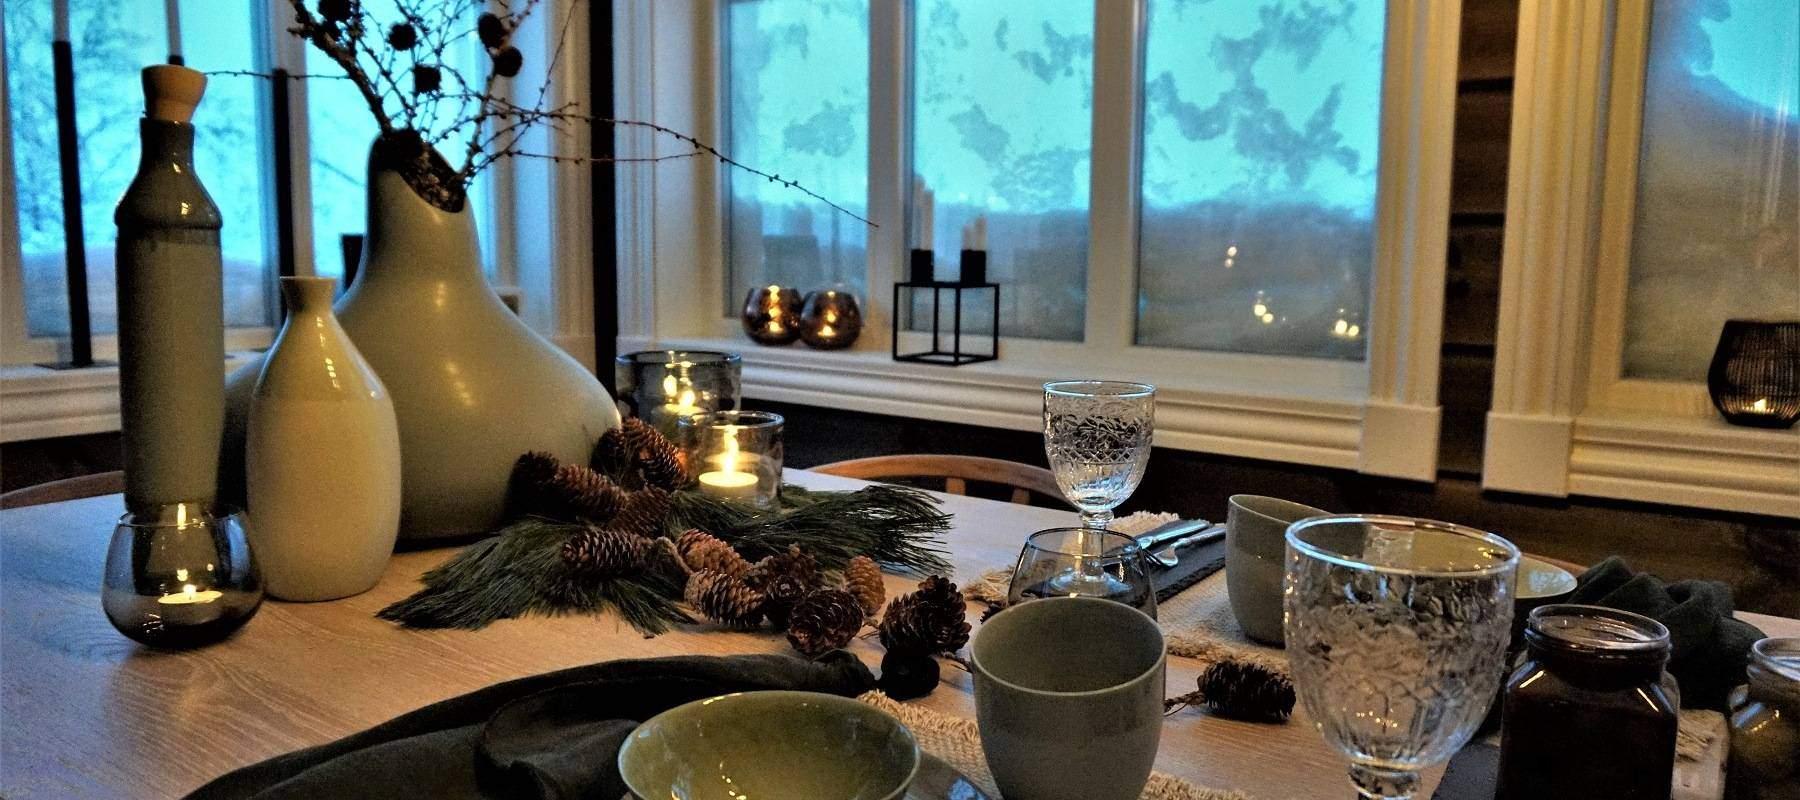 94 Hytteleverandor – Tiurtoppen Hytter Inspirasjon hytte pa Gålå